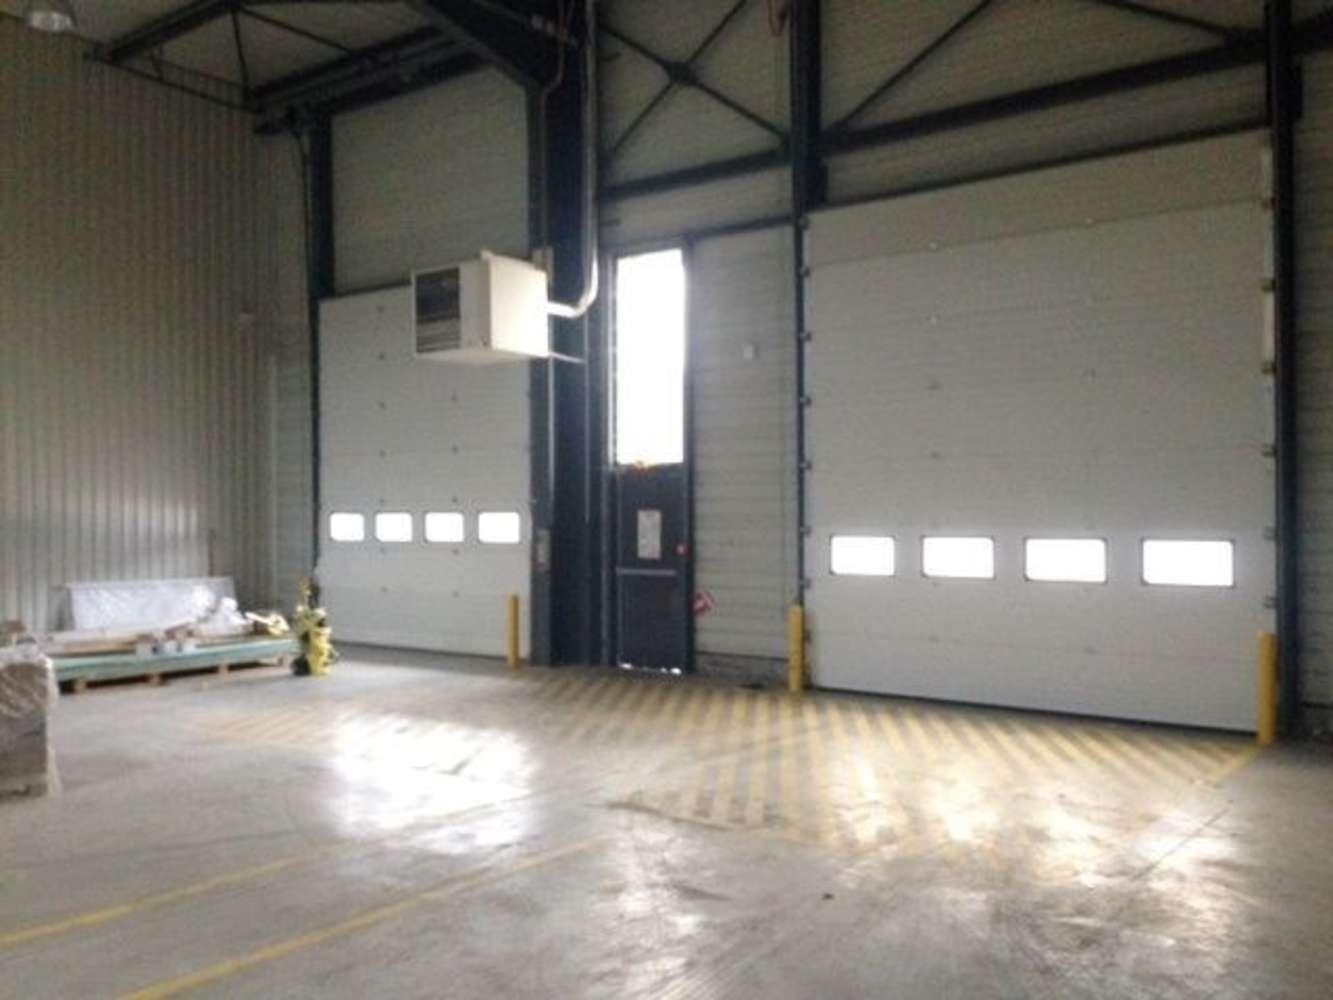 Activités/entrepôt Rillieux la pape, 69140 - Location locaux d'activité Lyon Nord - 9898428